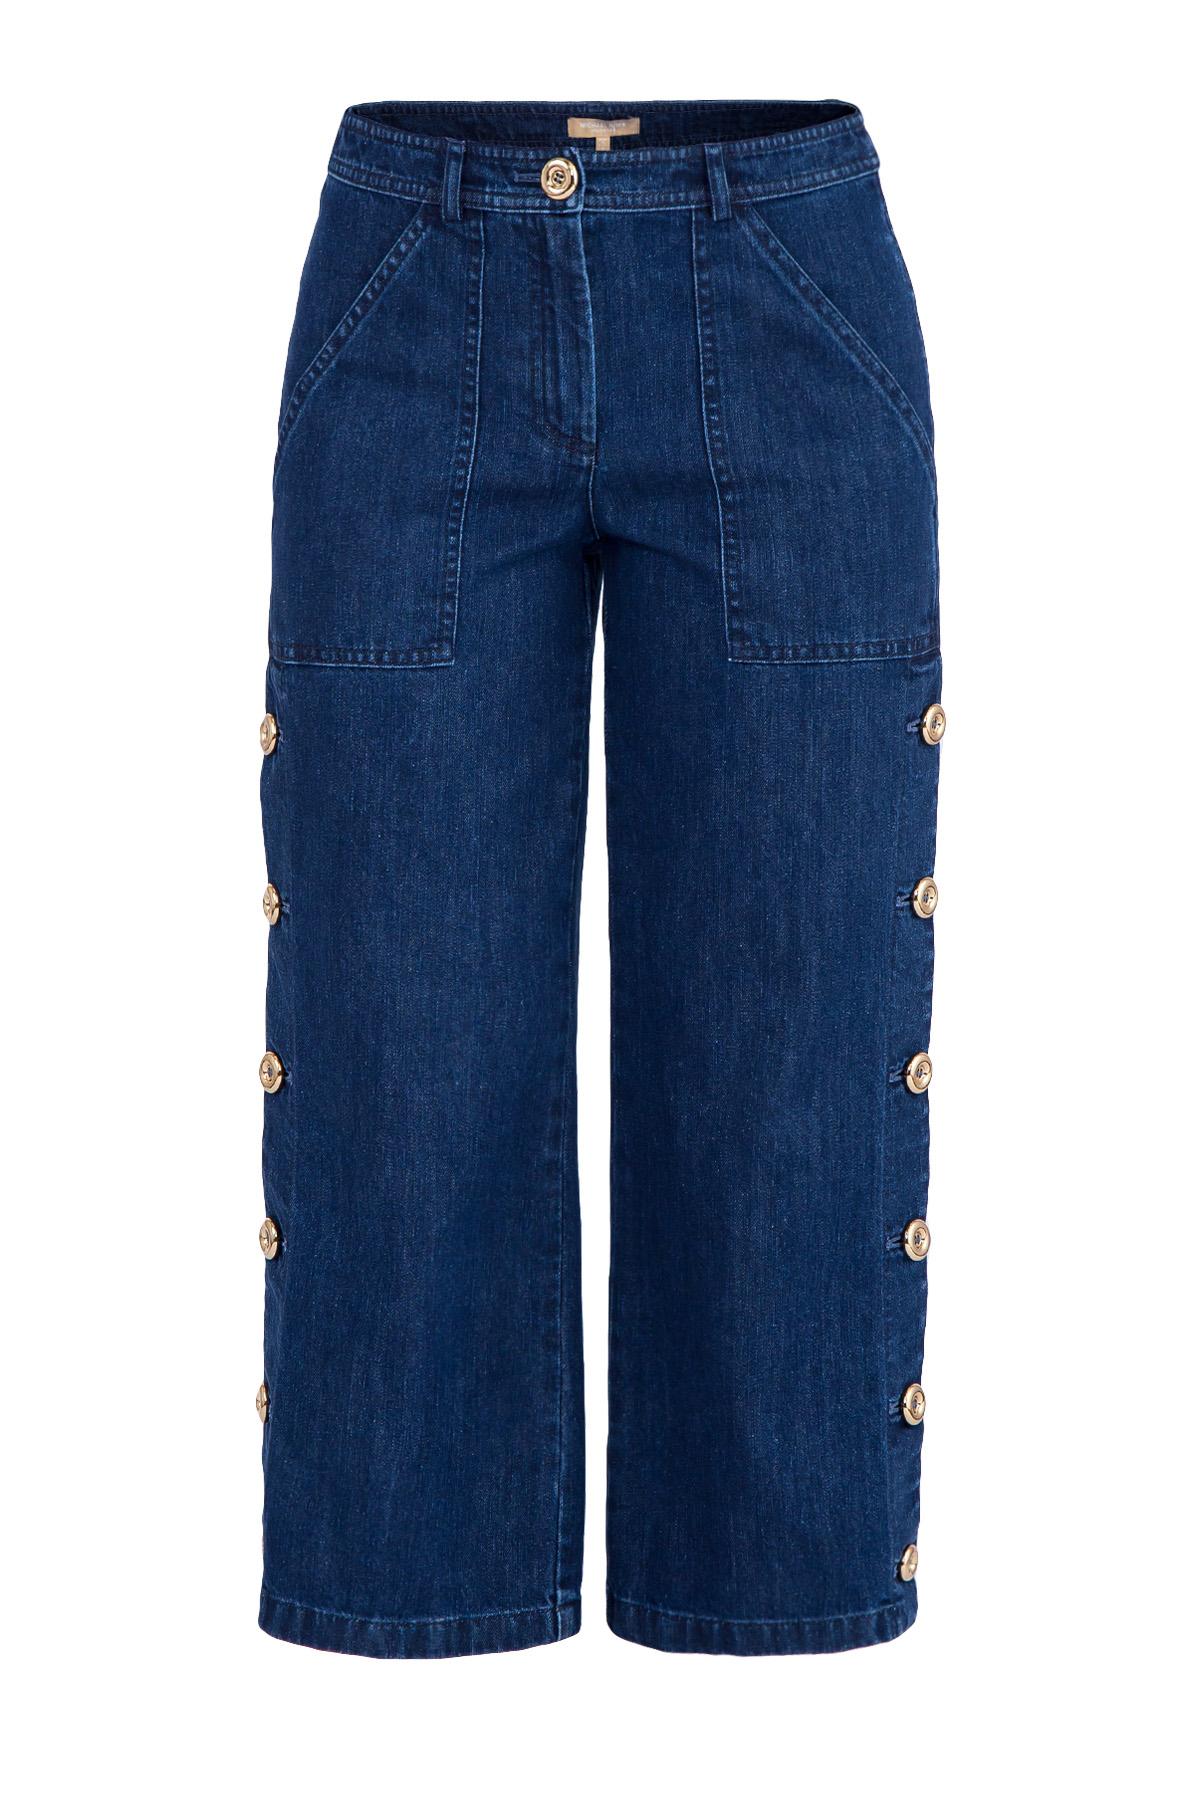 Укороченные джинсы с пуговицами на боковых швах и накладными карманами фото